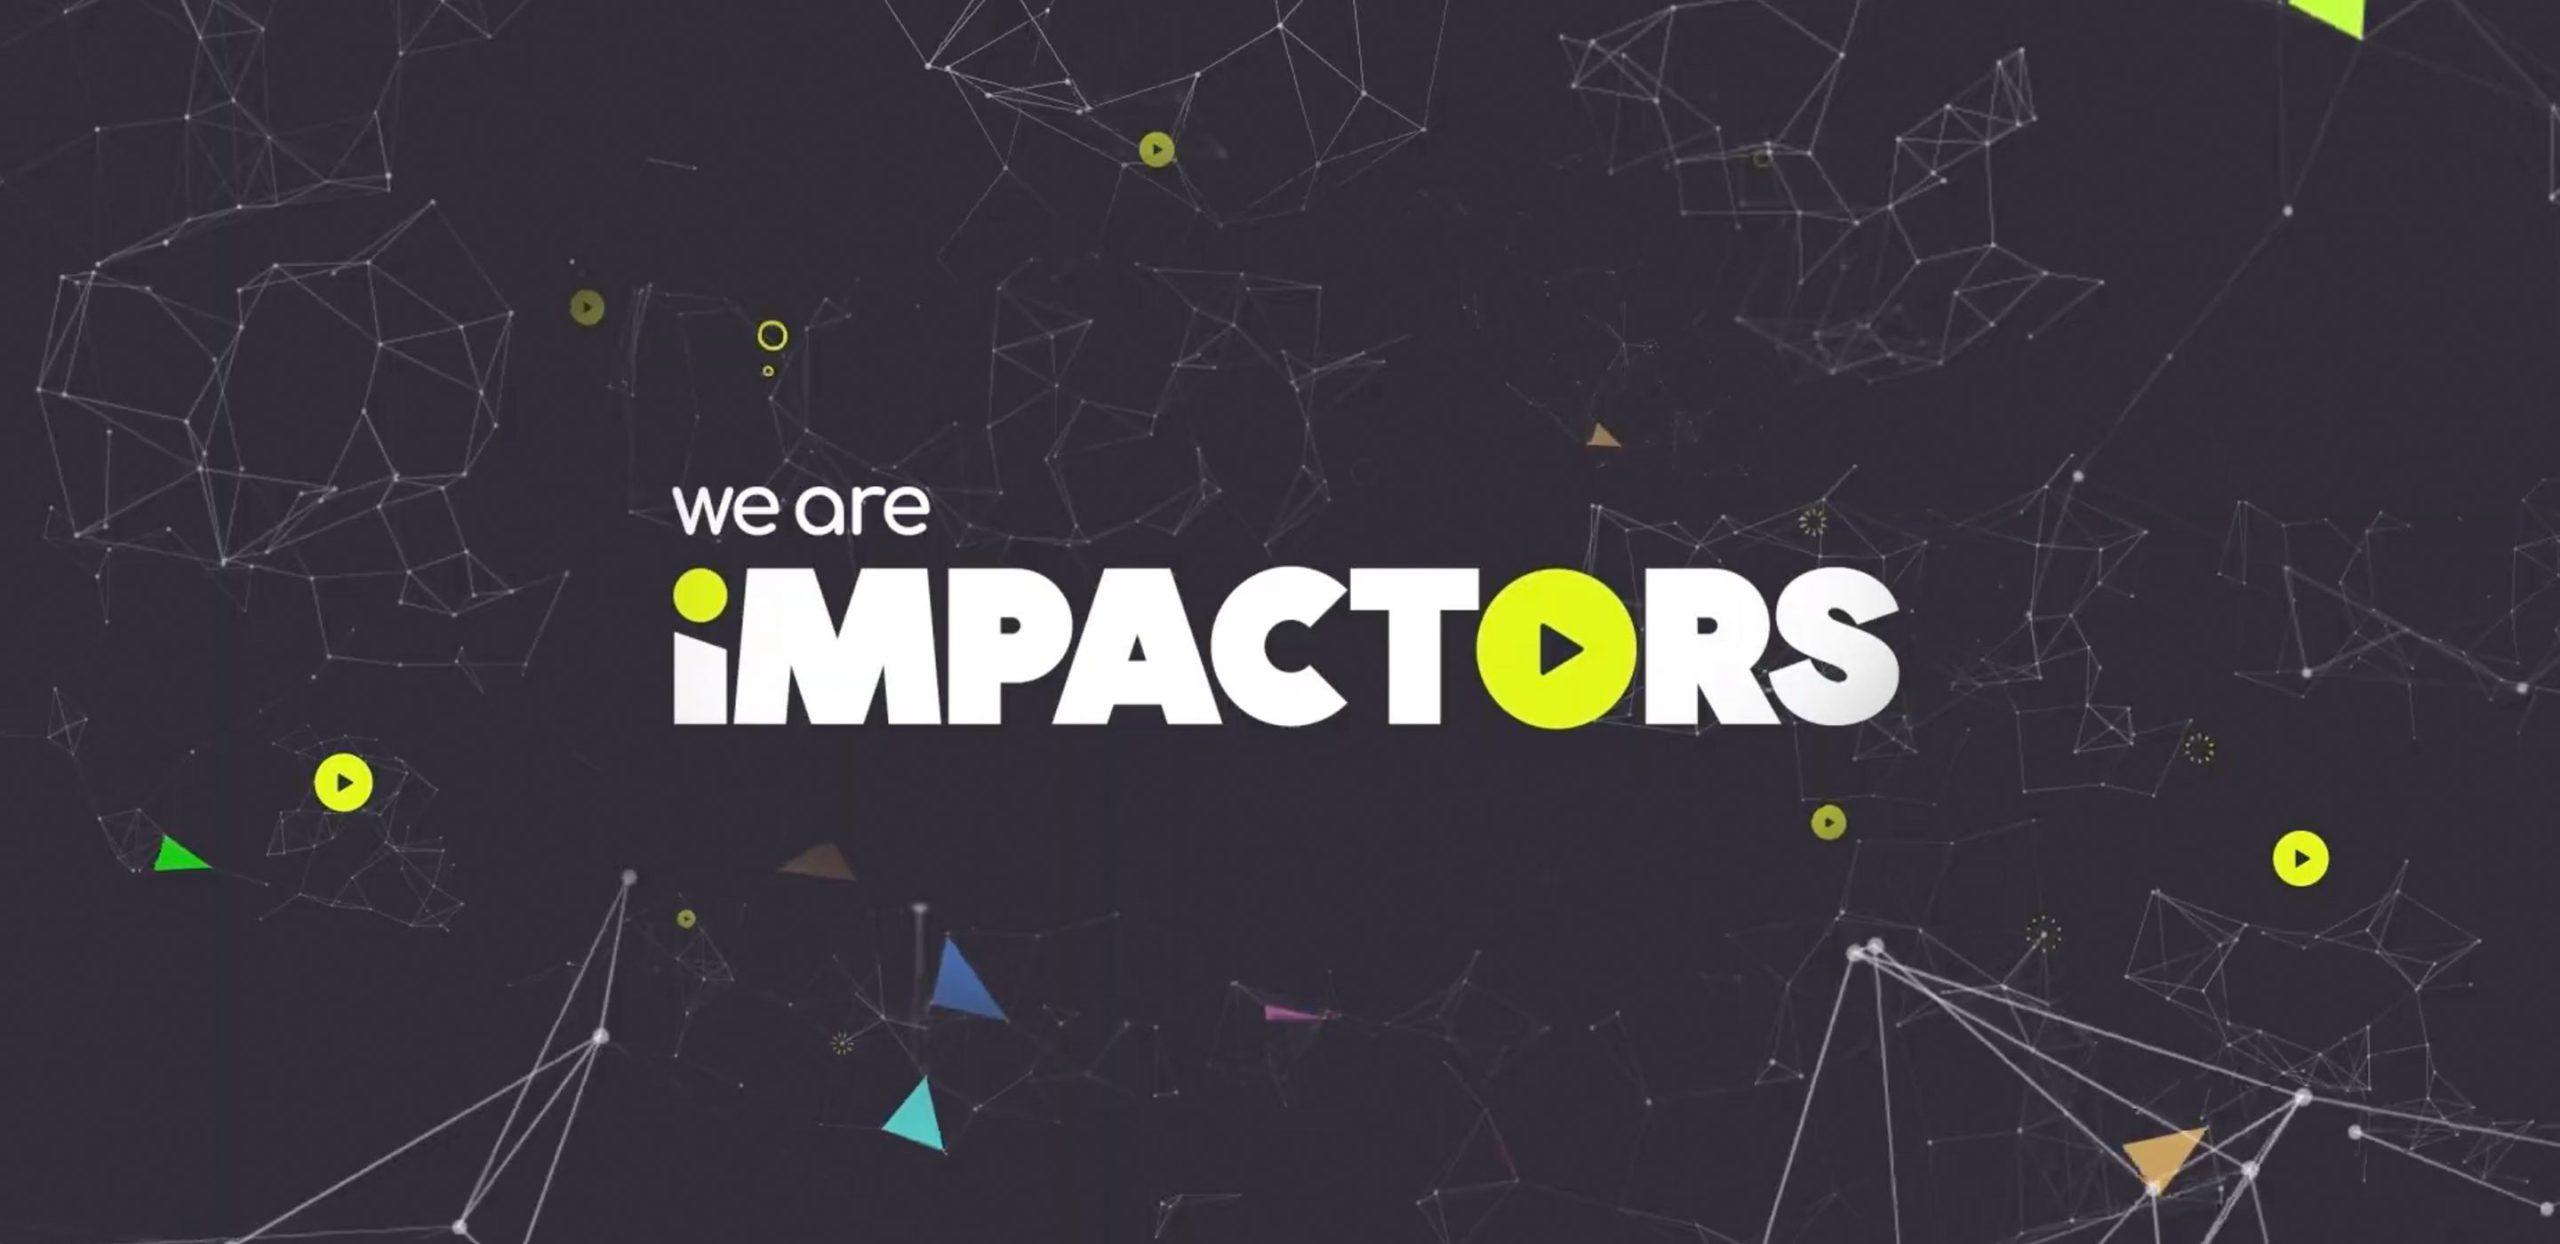 We Are Impactors